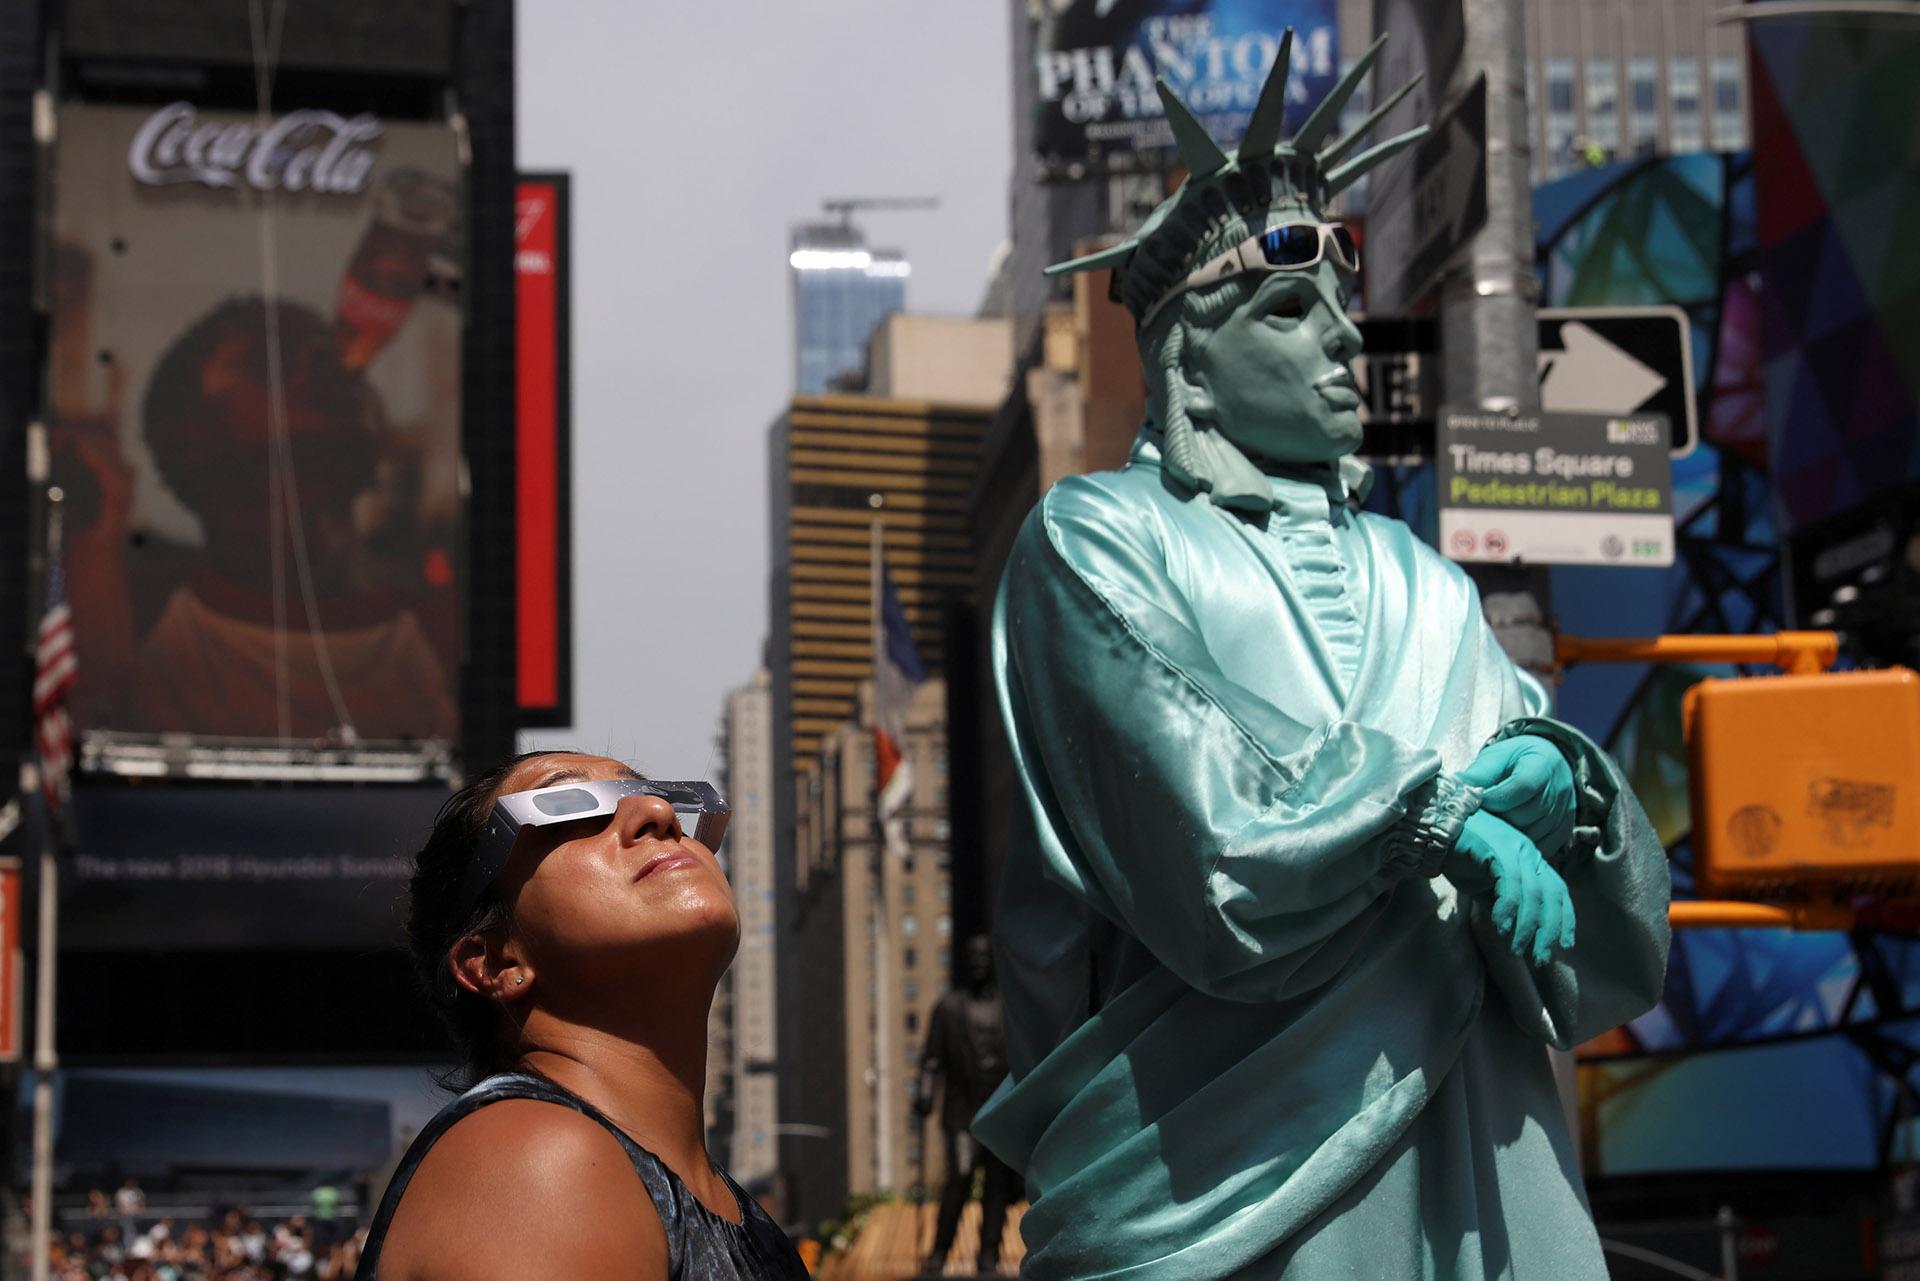 En Times Squareincluso las estatuas vivientes tenían sus gafas especiales pare ver el evento